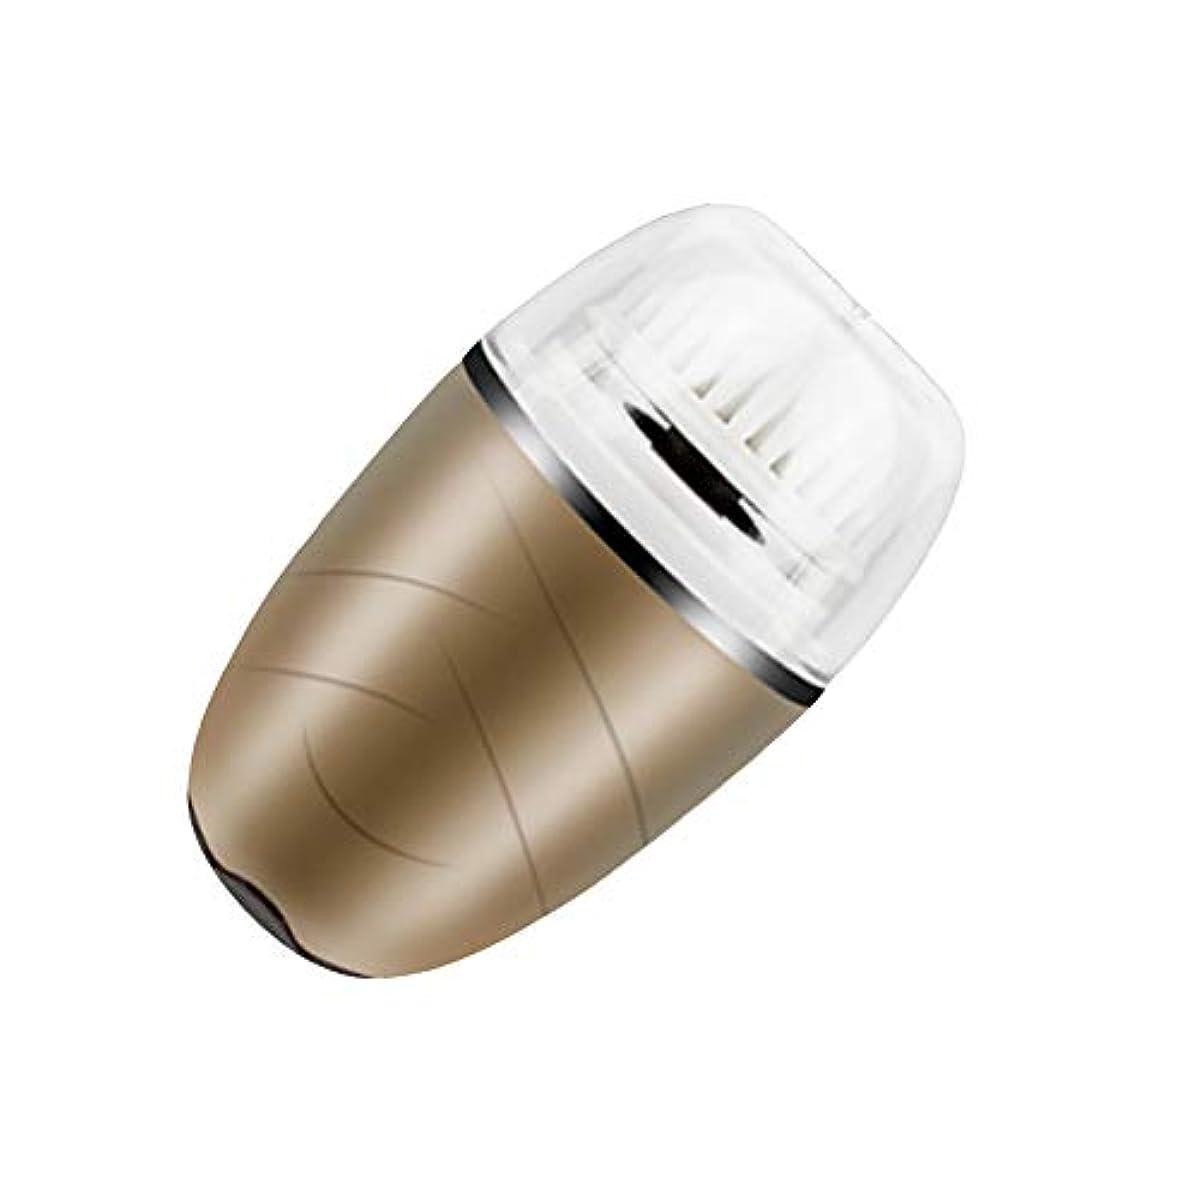 レッスン吐き出す表面洗顔ブラシ、電動ソニックフェイスブラシ振動顔クレンジングシステム防水ブラシにきびエクスフォリエーター USB 充電式,Gold